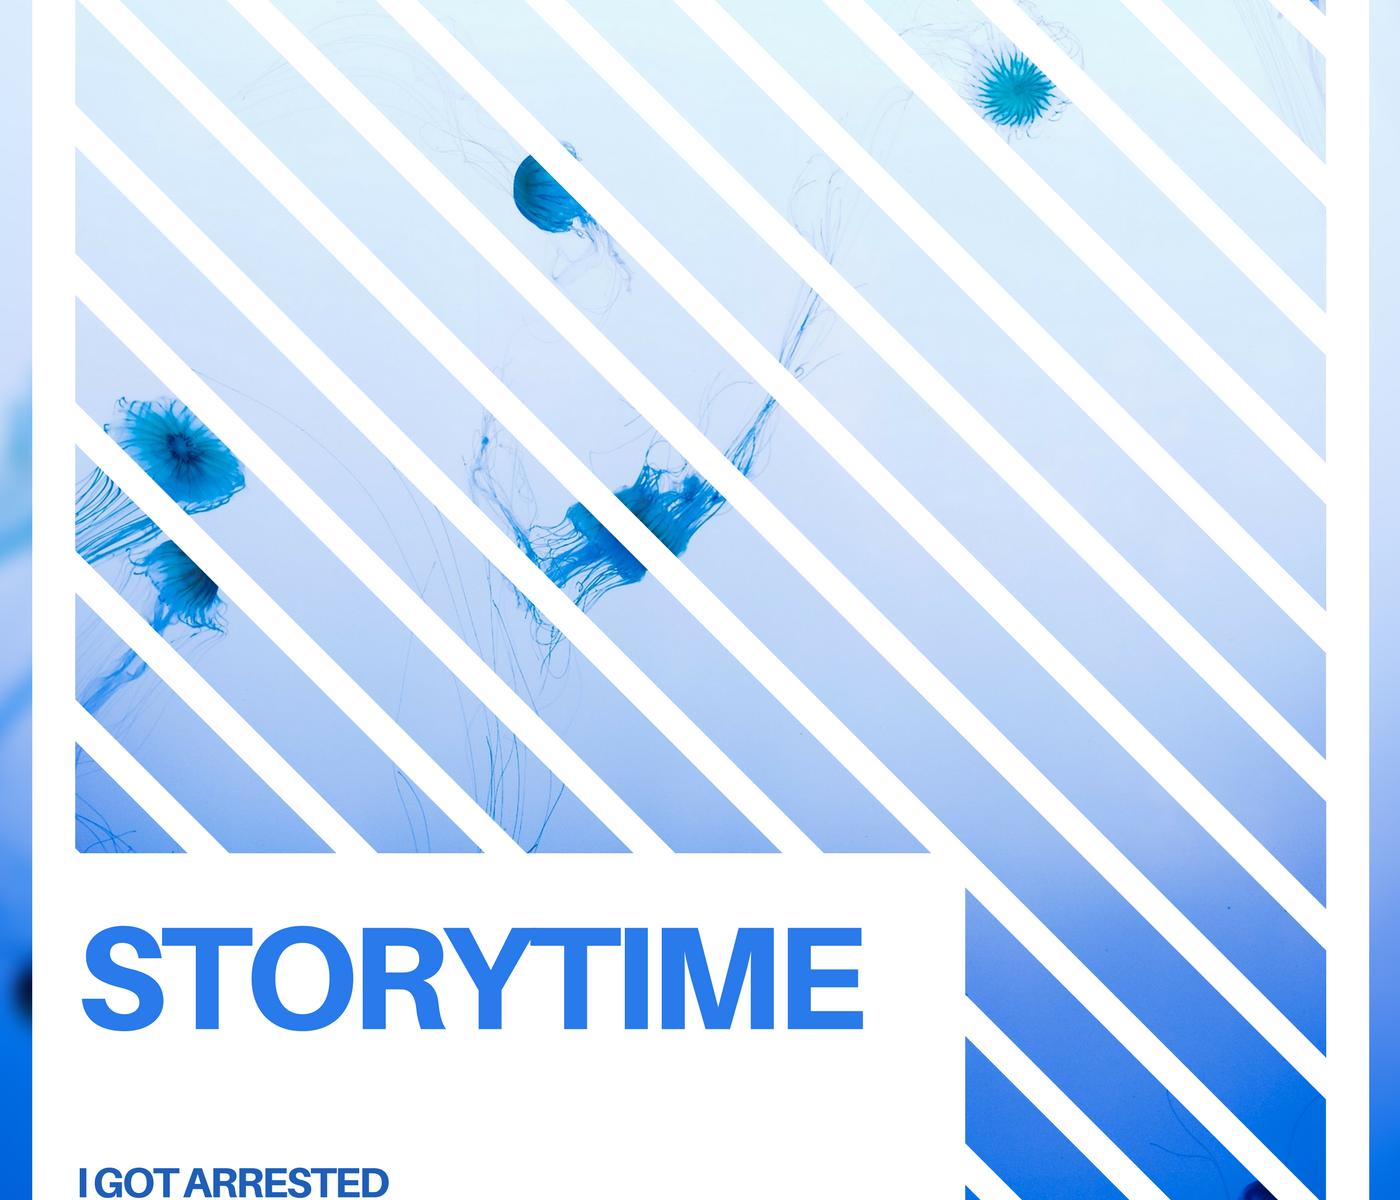 Story Time - I Got Arrested